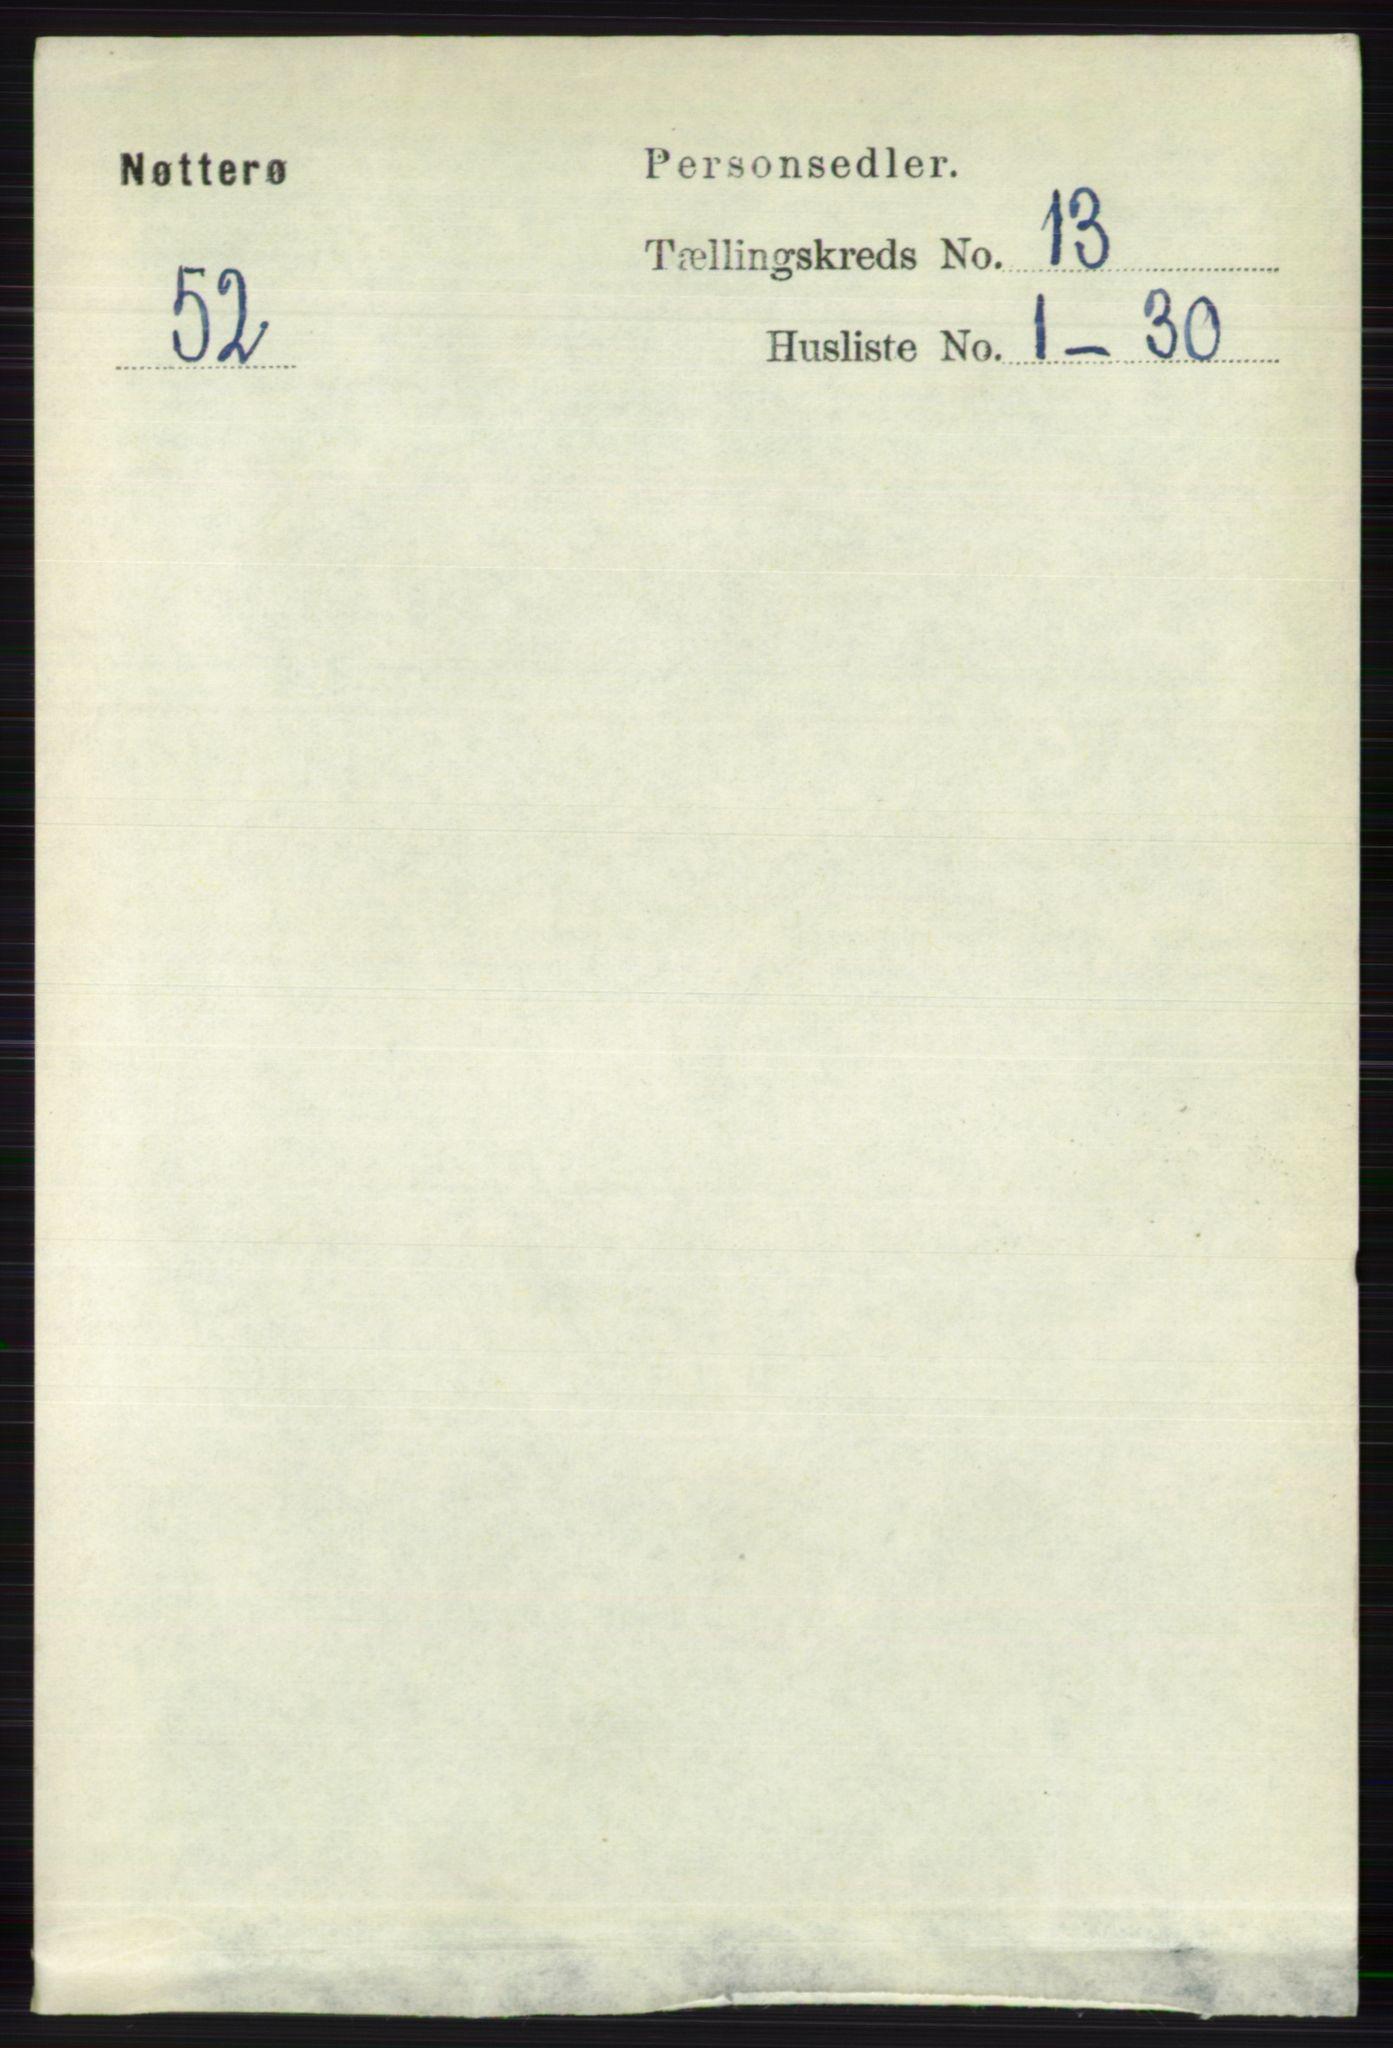 RA, Folketelling 1891 for 0722 Nøtterøy herred, 1891, s. 7018